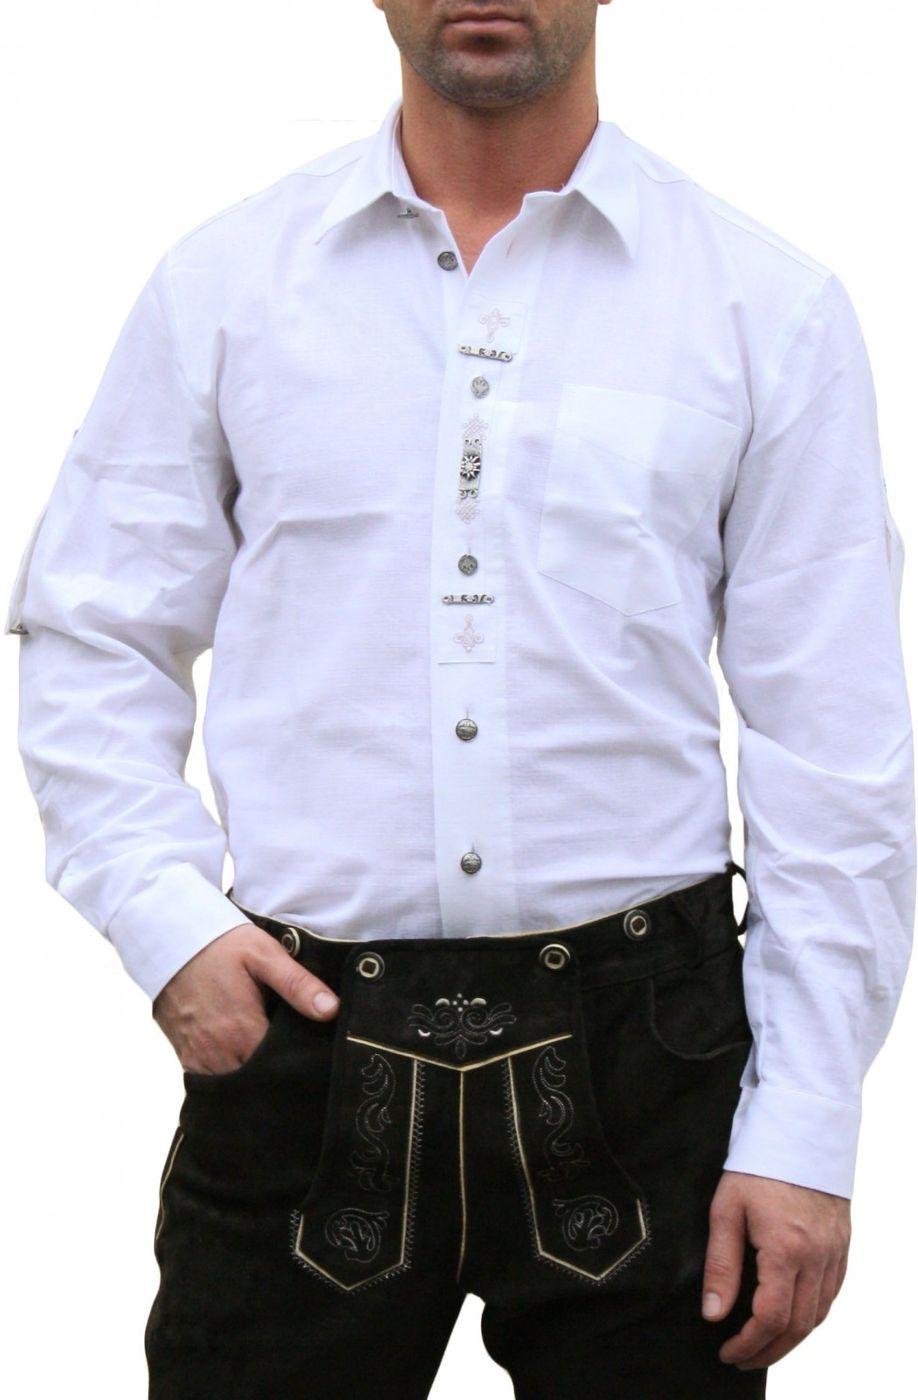 German Wear, Trachtenhemd hemd für Lederhosen mit Verzierung weiß